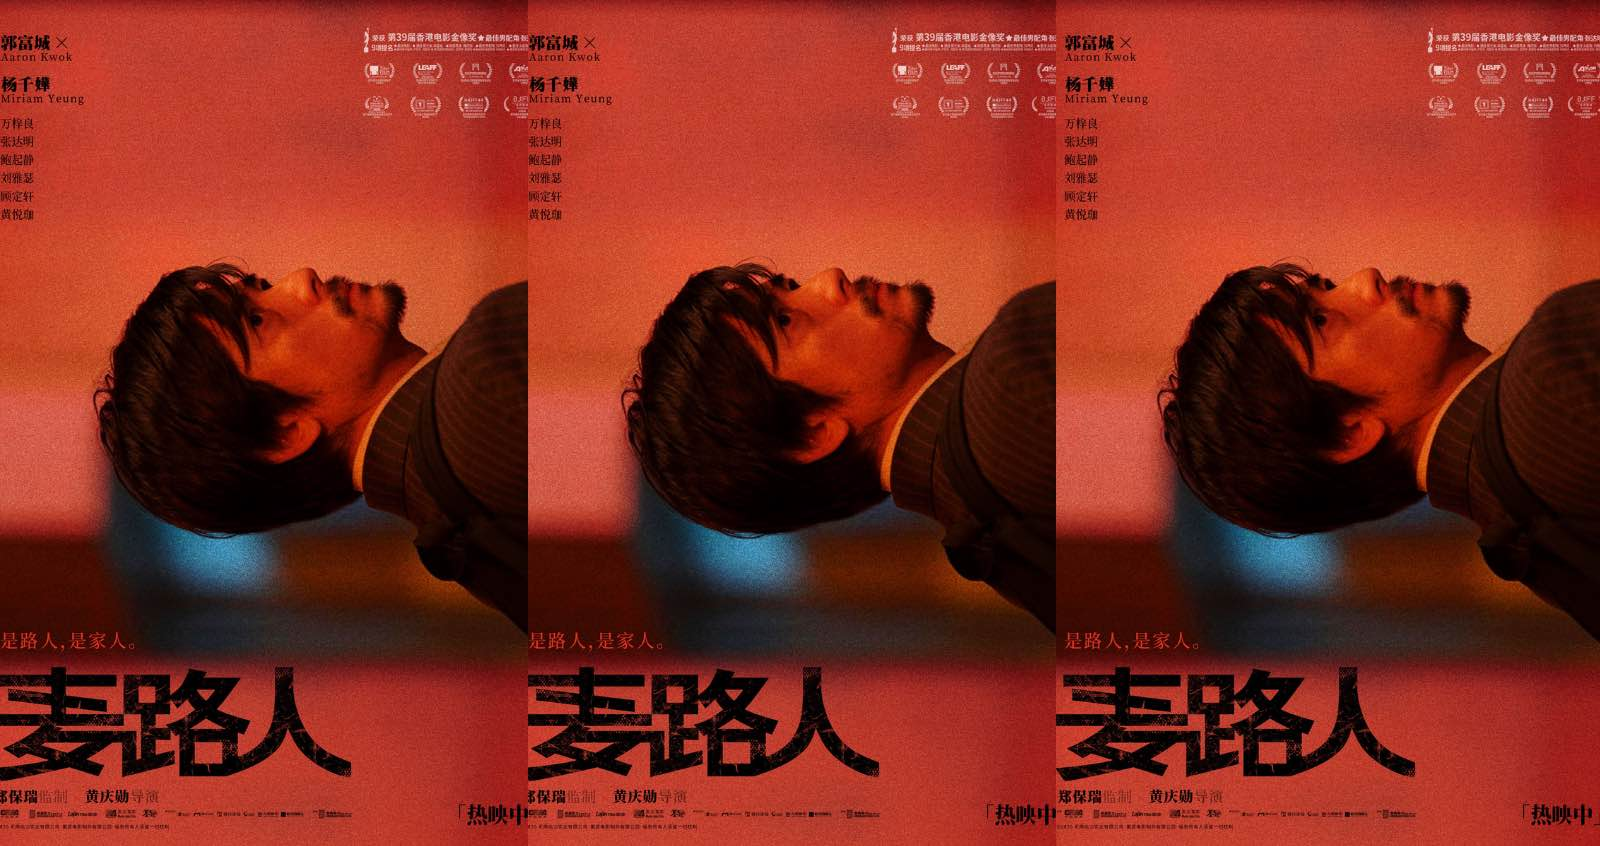 郭富城杨千嬅领衔金像奖获奖影片《麦路人》正在热映 影院全场观众泪光闪闪